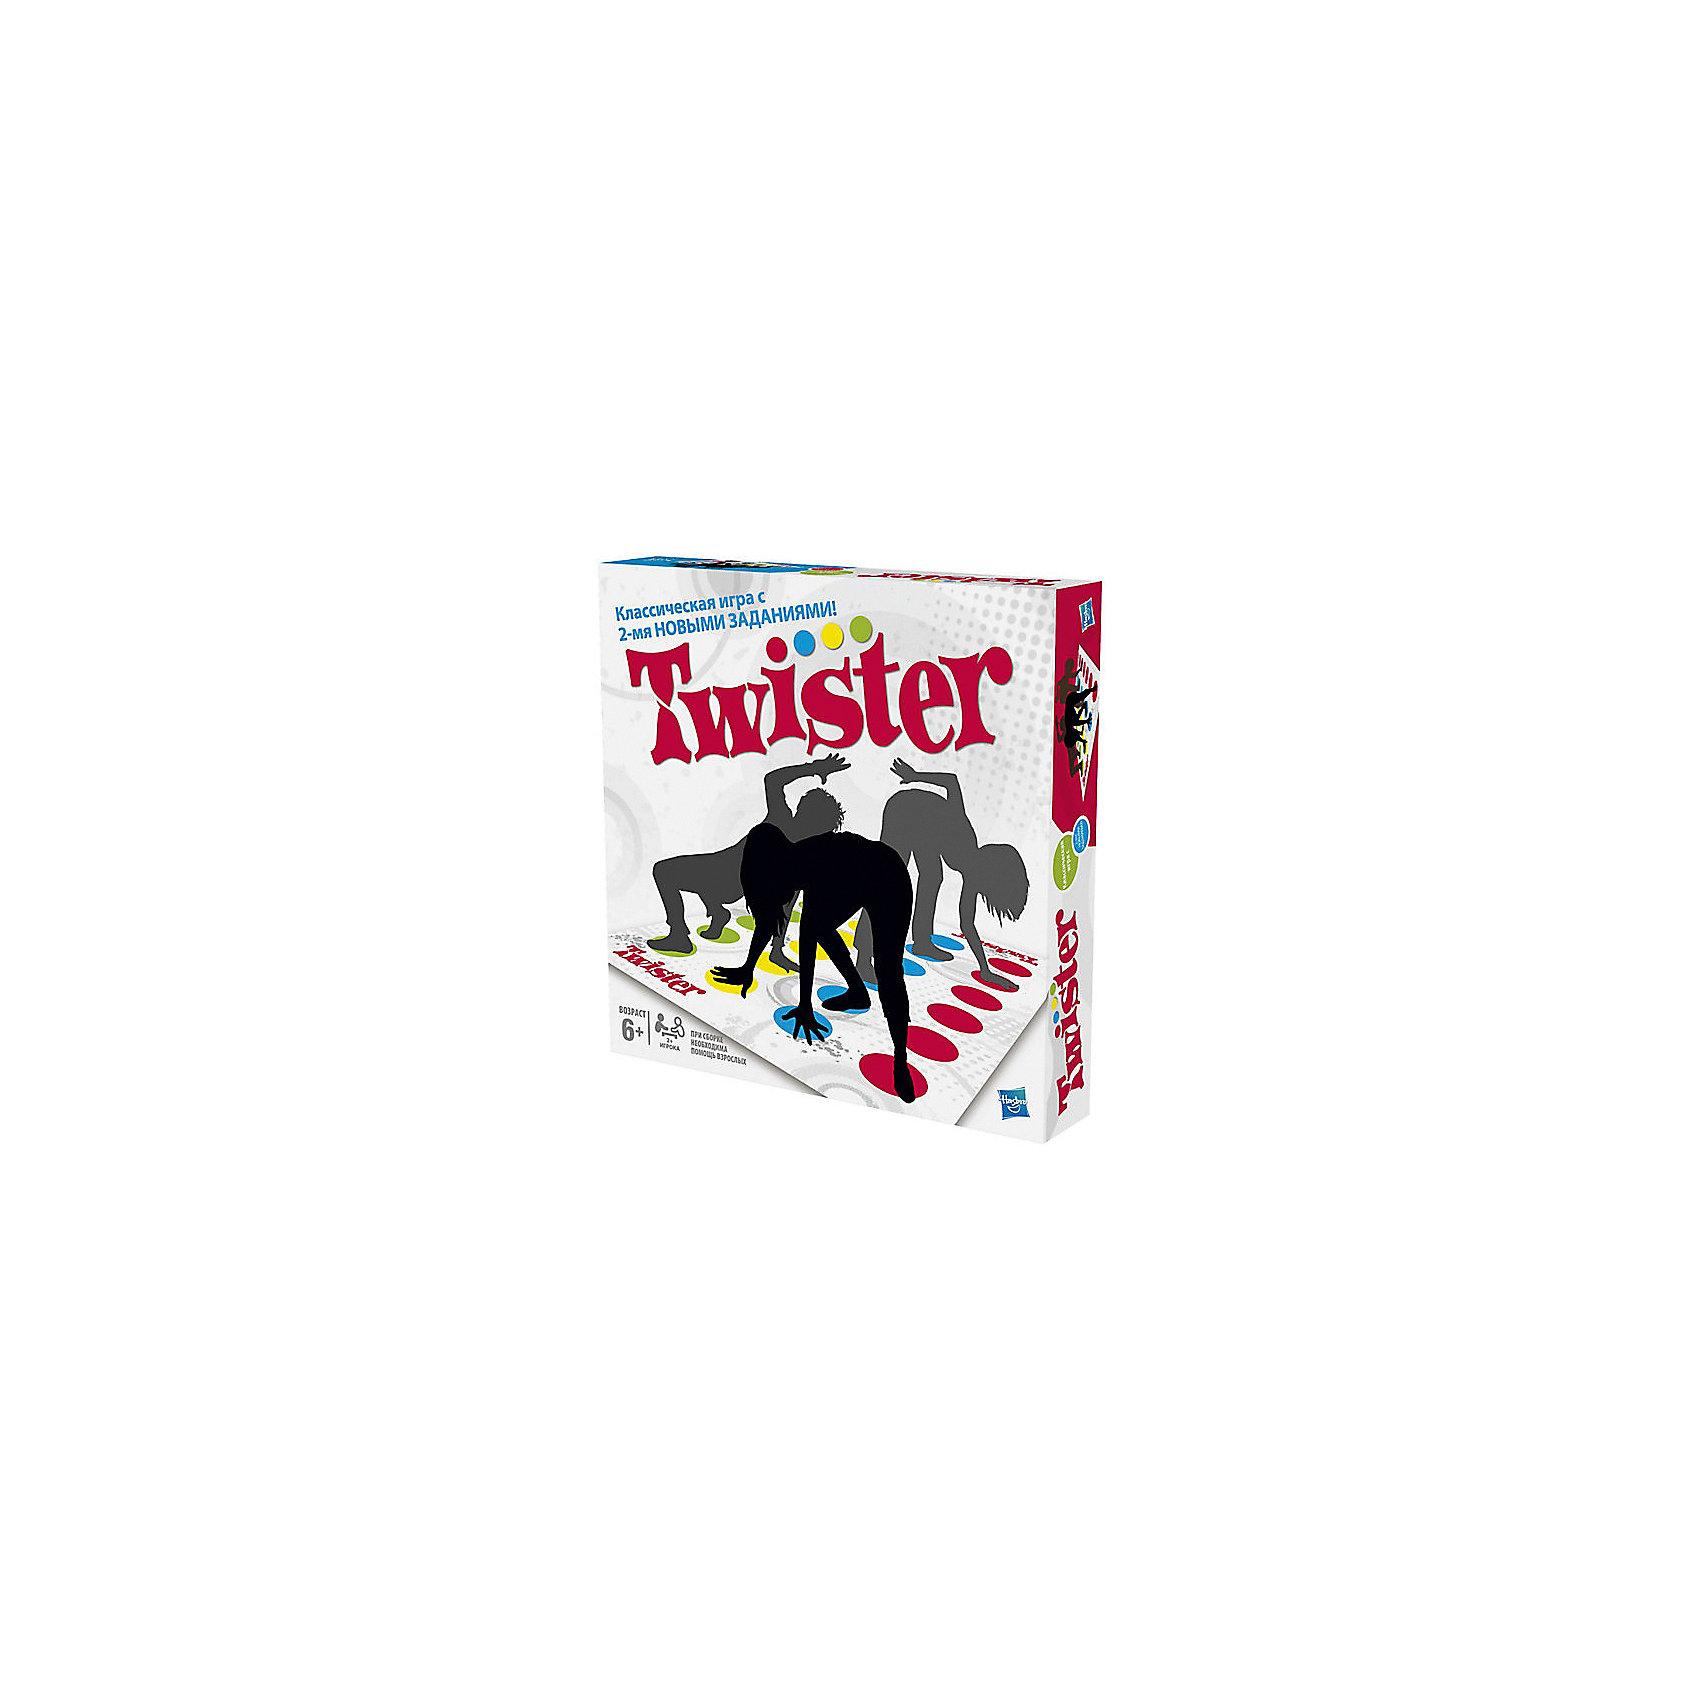 Игра Твистер 2, HasbroИгра «Твистер 2» - это продолжение знаменитой и любимой во всем мире игры. Тысячи детей и взрослых по всему миру весело и активно проводят время с этой замечательной игрой. Казалось бы, обычный коврик с разноцветными кругами и планшет со стрелкой, что может быть проще? И, тем не менее, Твистер - это настоящая легенда, игра, которая заставляет смеяться и поднимает настроение абсолютно каждому играющему. <br>Смысл игры прост: один участник раскручивает стрелку, которая, остановившись, покажет действия, которые должны сделать другой участник. Нужно, соответственно показателям стрелки, поставить ладошки и стопы на круги на поле. Принимать участие в игре могут от двух и более человек. Зачастую участникам приходится принимать очень сложные положения, главное удержаться и не упасть, все это делает игру еще более интересной и веселой. <br><br>Дополнительная информация:<br>Размер игрового поля: 130х180 см.<br>Размер упаковки: 27х27х5 см.<br>Комплектация: игровое поле из пластиковой пленки, планшет со стрелкой, инструкция.<br><br>Скука и Твистер - вещи несовместимые!  Twister 2 отличается от классической игры 2-мя НОВЫМИ ЗАДАНИЯМИ! Новые команды Воздух, и Придумай задание еще больше закрутят игрока!<br><br>Игру Твистер 2, Hasbro можно приобрести в нашем магазине.<br><br>Ширина мм: 50<br>Глубина мм: 267<br>Высота мм: 267<br>Вес г: 560<br>Возраст от месяцев: 96<br>Возраст до месяцев: 180<br>Пол: Унисекс<br>Возраст: Детский<br>SKU: 3310216